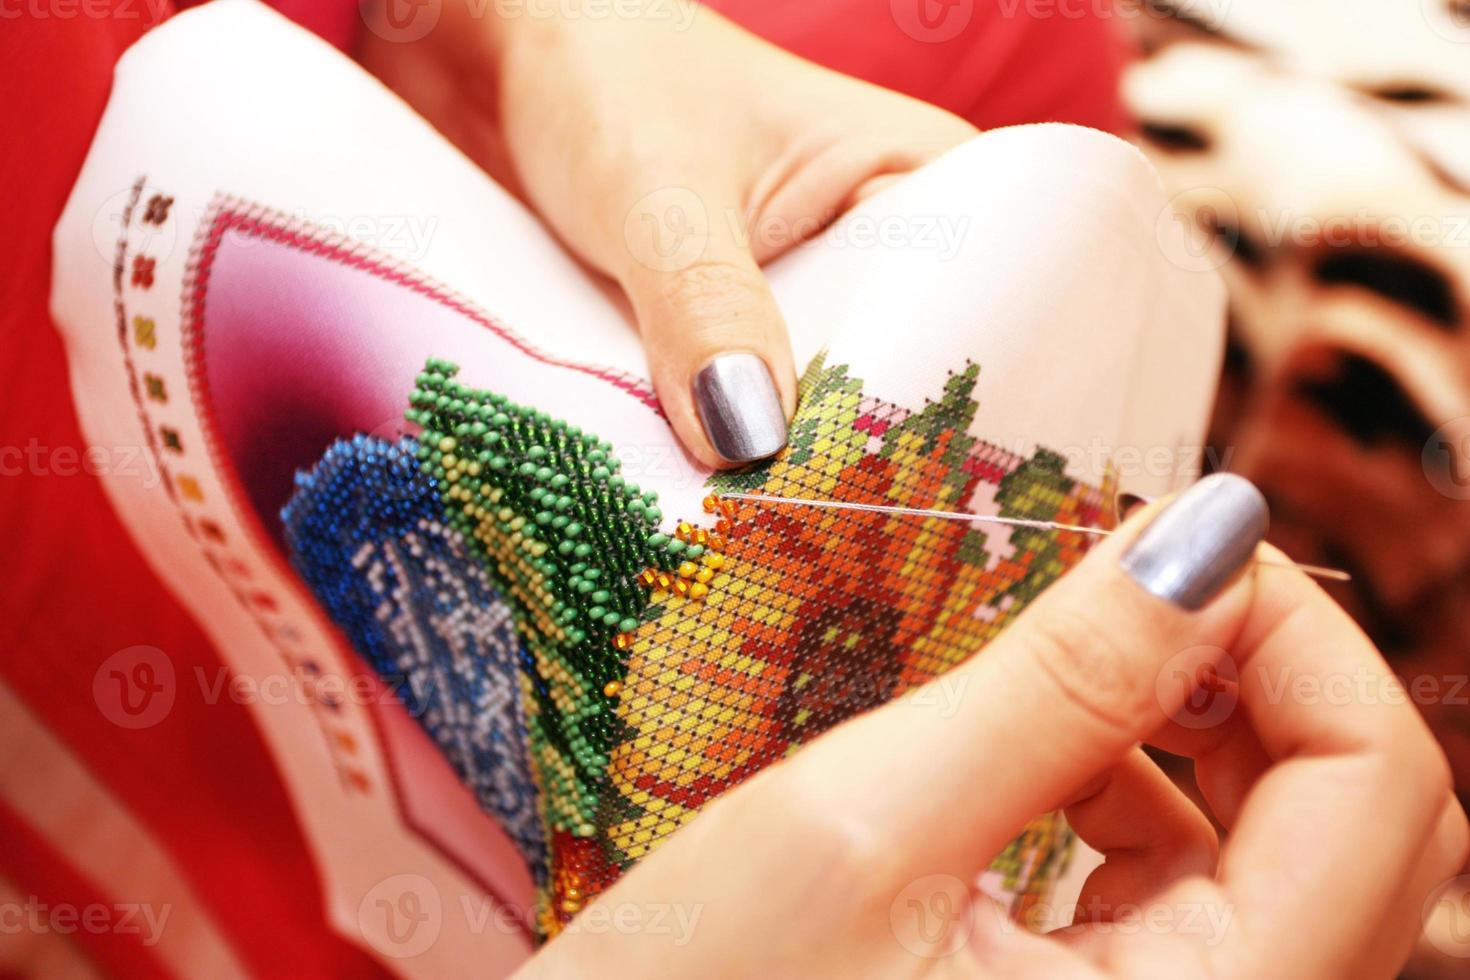 processus de broderie sur les mains de perles de tissu photo